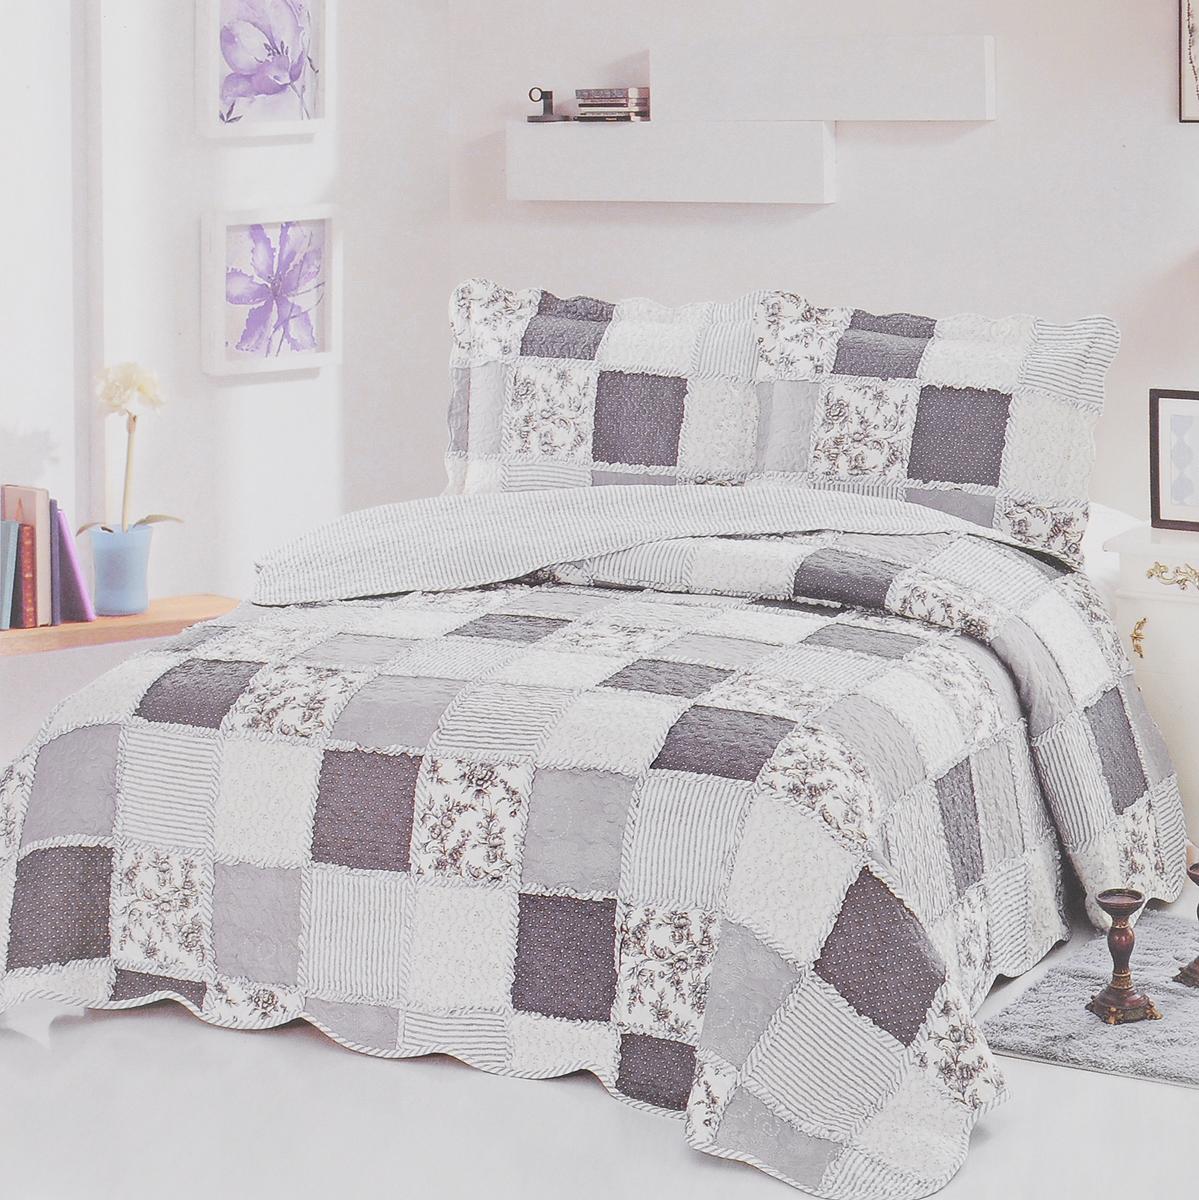 Комплект для спальни Karna Modalin. Пэчворк: покрывало 230 х 250 см, 2 наволочки 50 х 70 см, цвет: белый, серый, синий5022/CHAR006Изысканный комплект Karna Modalin. Пэчворк прекрасно оформит интерьер спальни или гостиной. Комплект состоит из двухстороннего покрывала и двух наволочек. Изделия изготовлены из микрофибры. Постельные комплекты Karna уникальны, так как они практичны и универсальны в использовании. Материал хорошо сохраняет окраску и форму. Изделия долговечны, надежны и легко стираются. Комплект Karna не только подарит тепло, но и гармонично впишется в интерьер вашего дома. Размер покрывала: 230 х 250 см. Размер наволочки: 50 х 70 см.